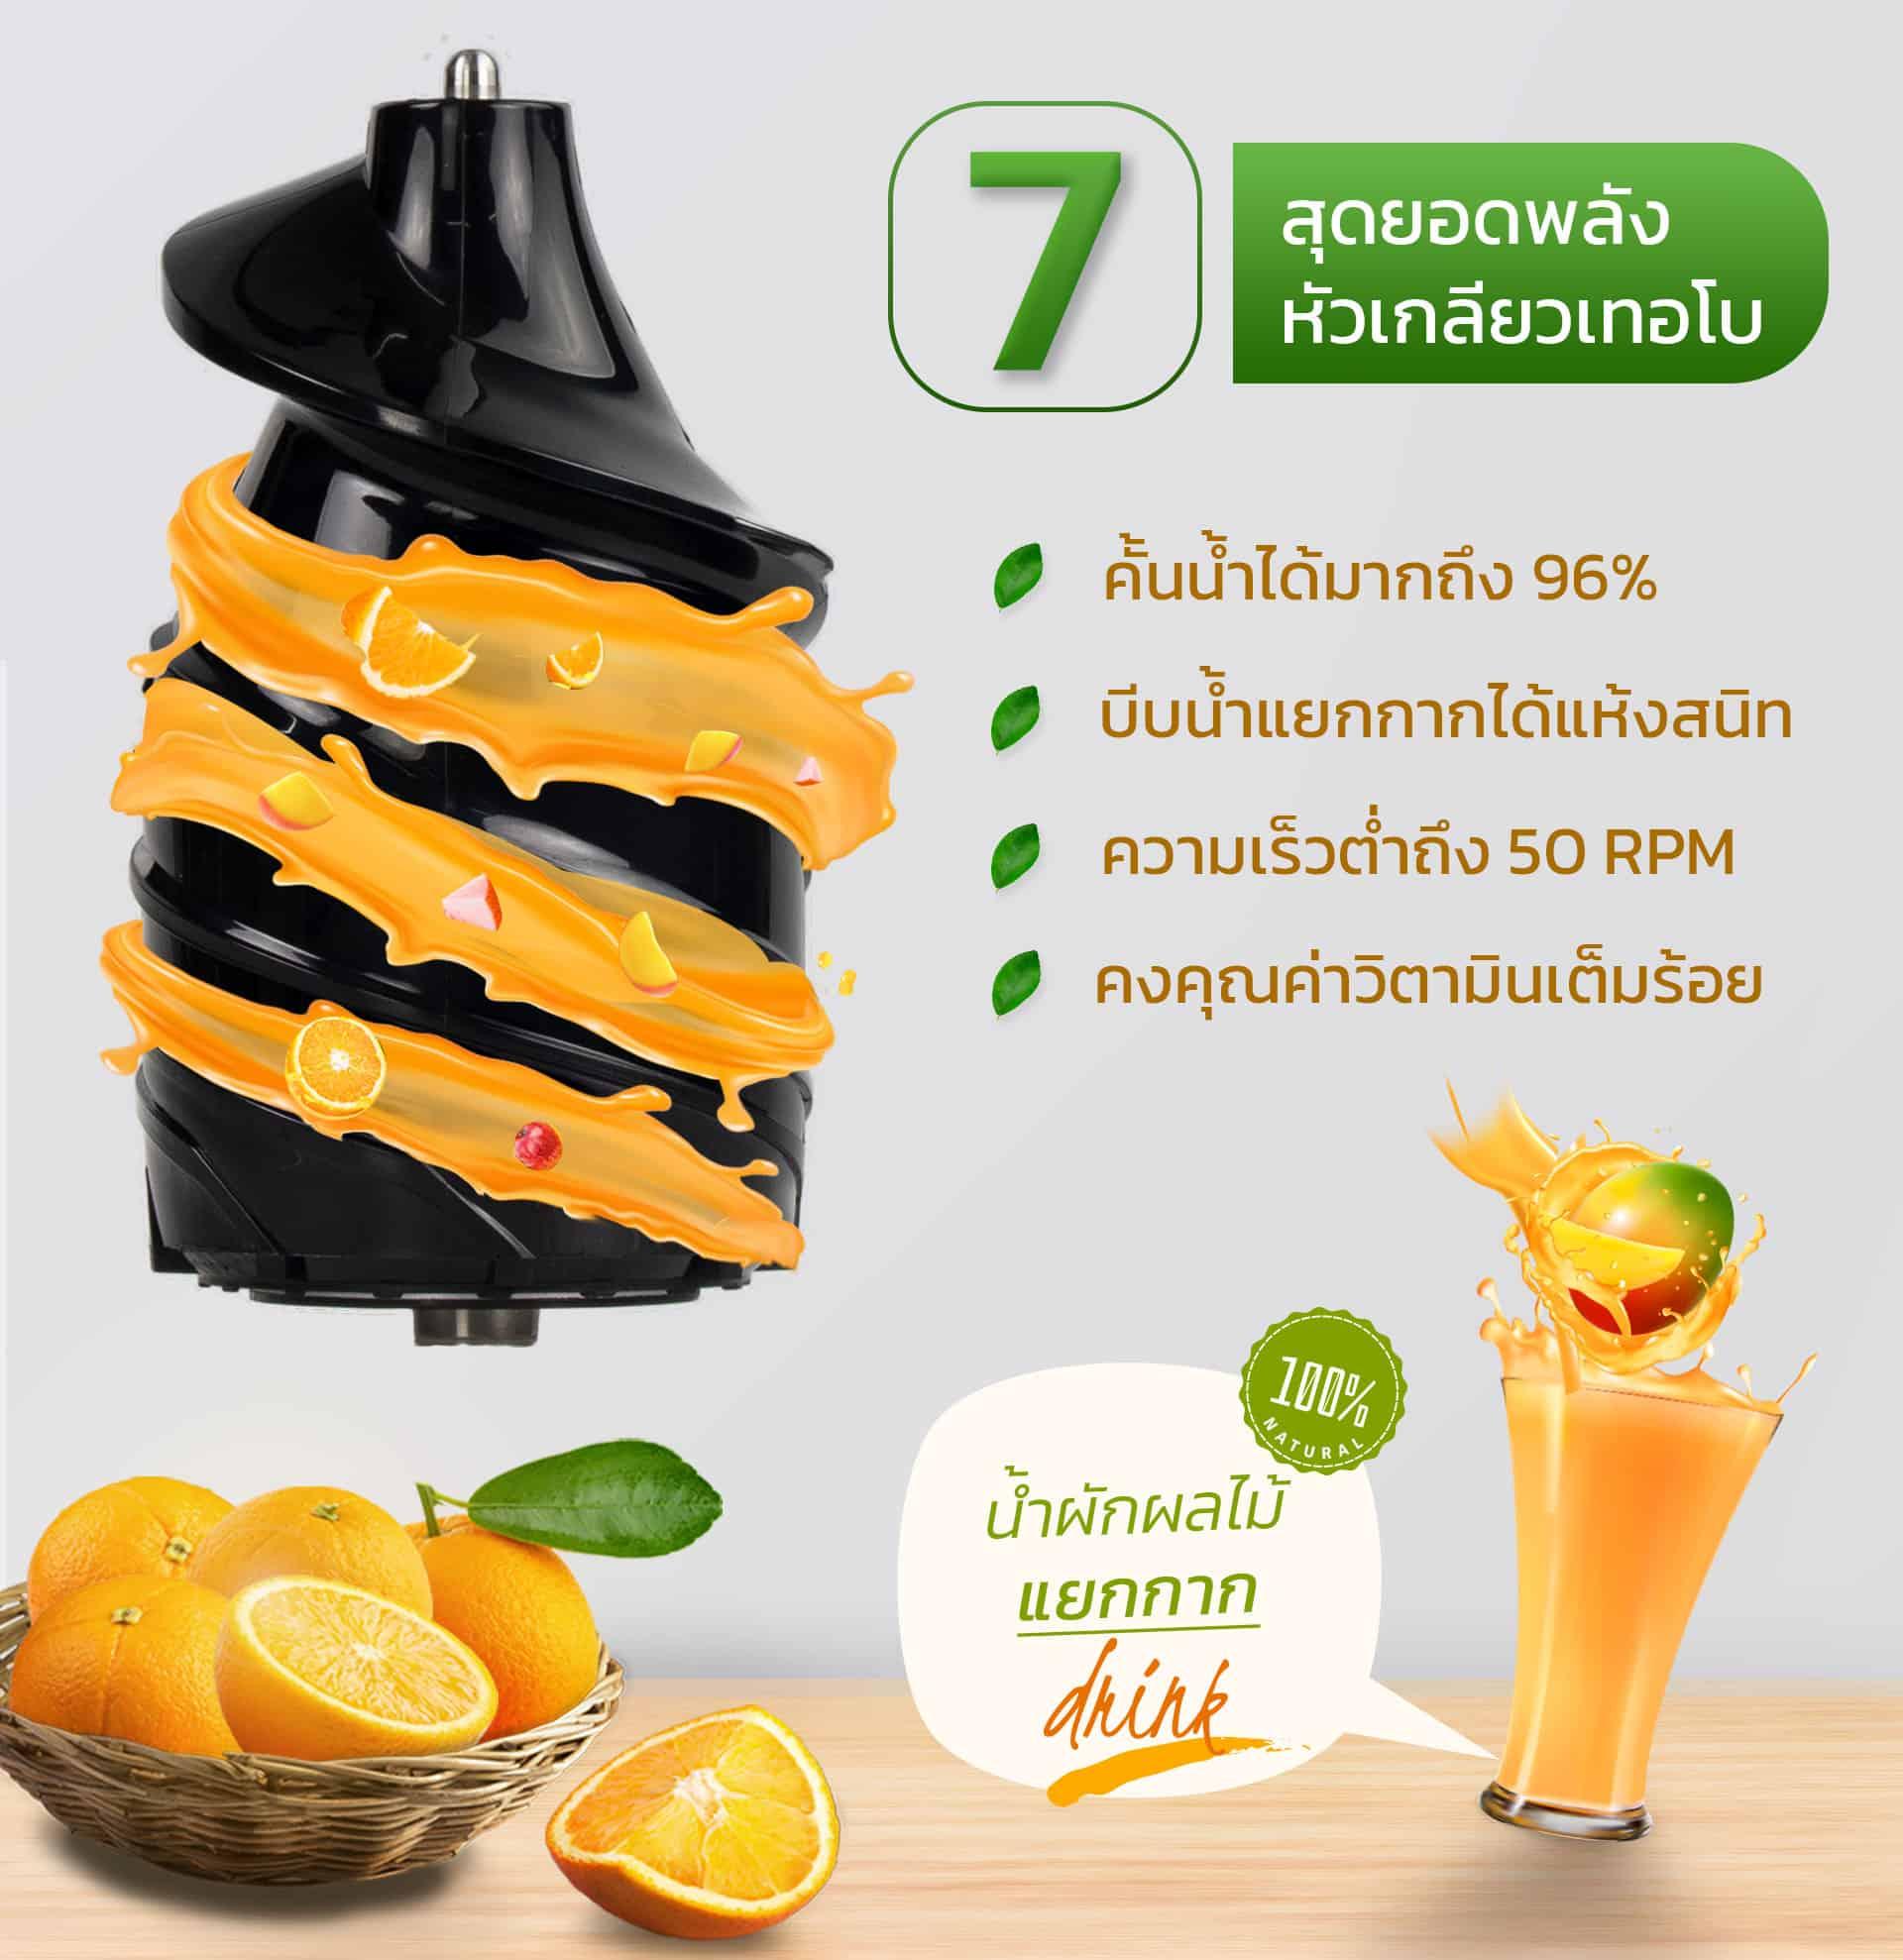 หัว7เกลียวเทอโบ-เครื่องคั้นน้ำผักผลไม้แยกกาก